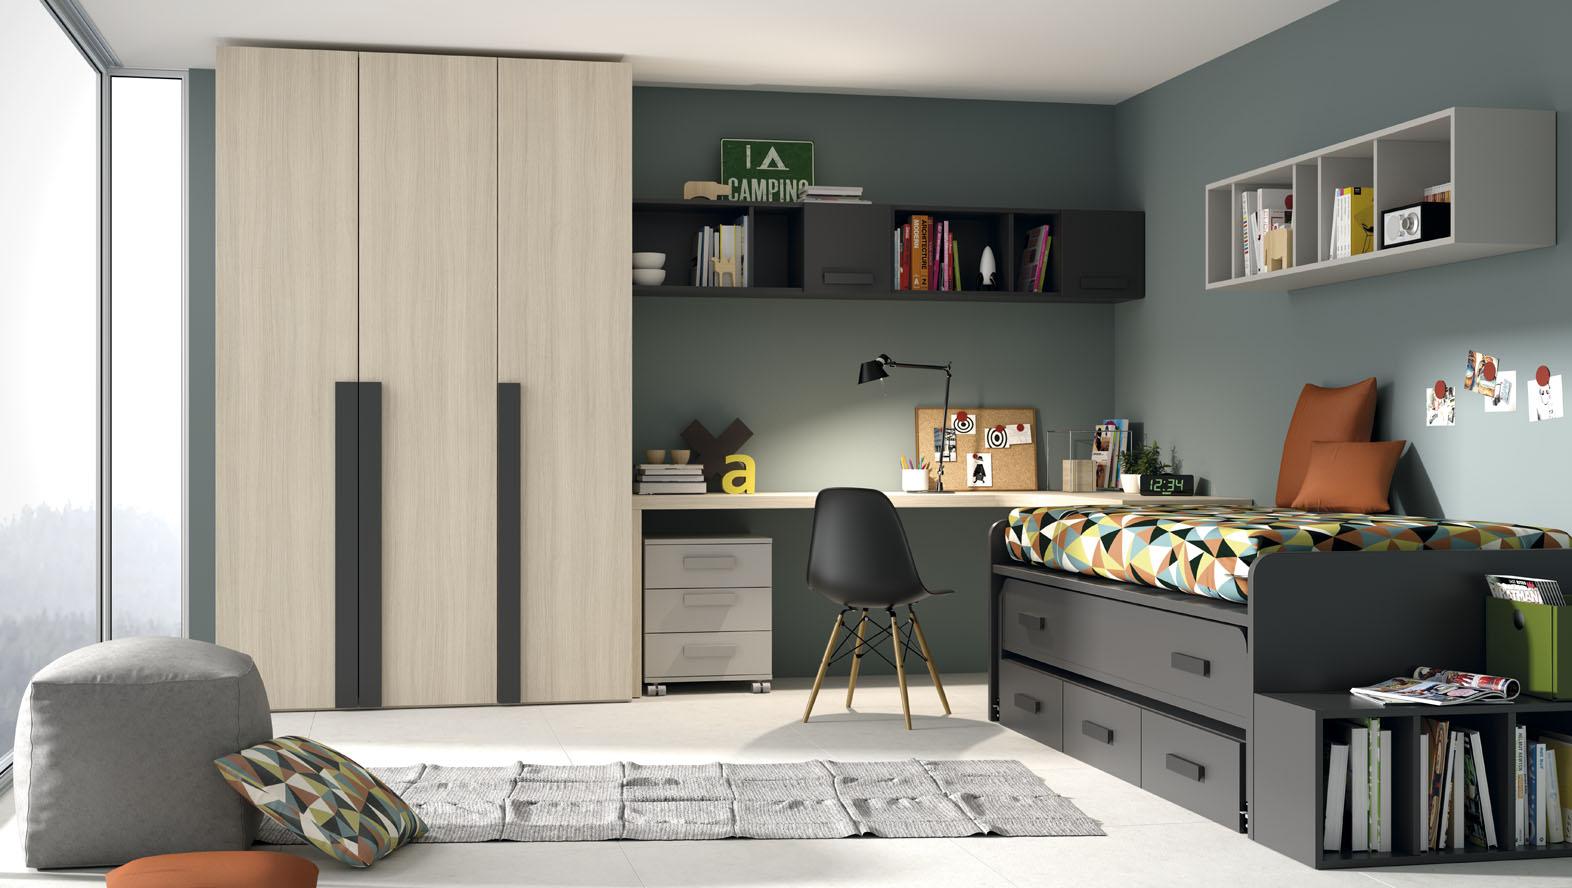 1001 Idees Pour Une Deco Chambre Etudiant Des Interieurs Gain De Place Originaux